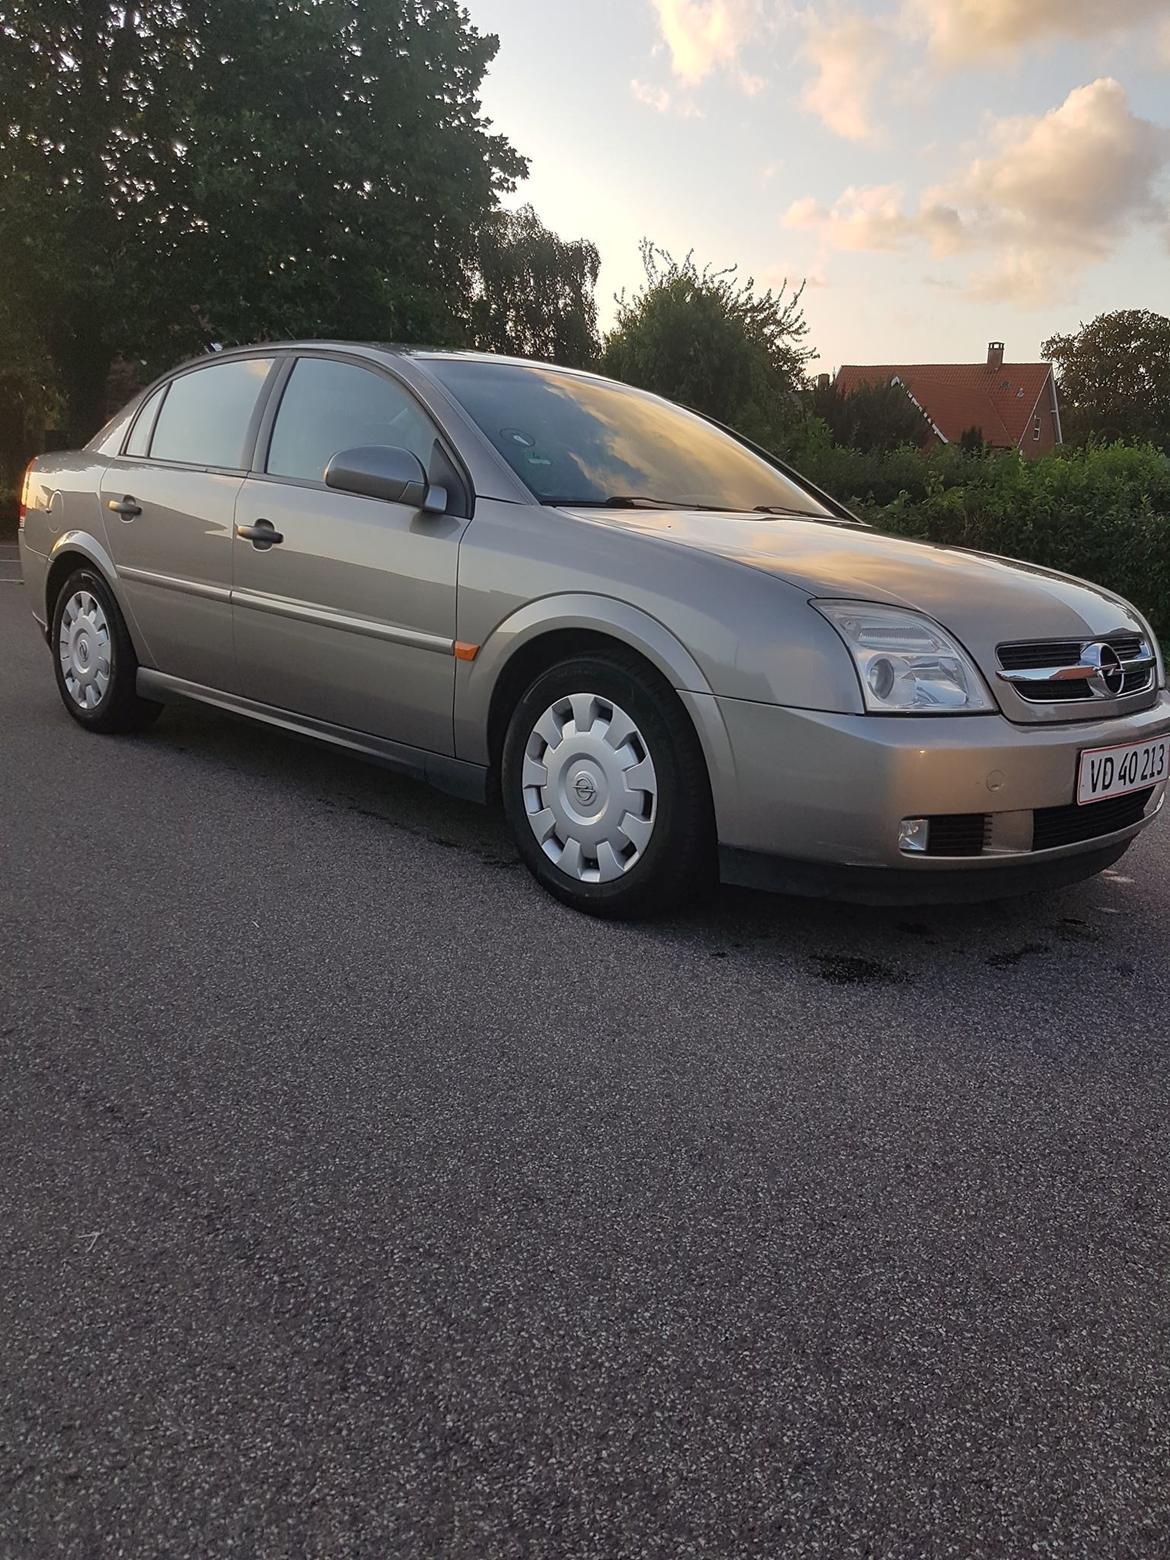 Opel Vectra C billede 3